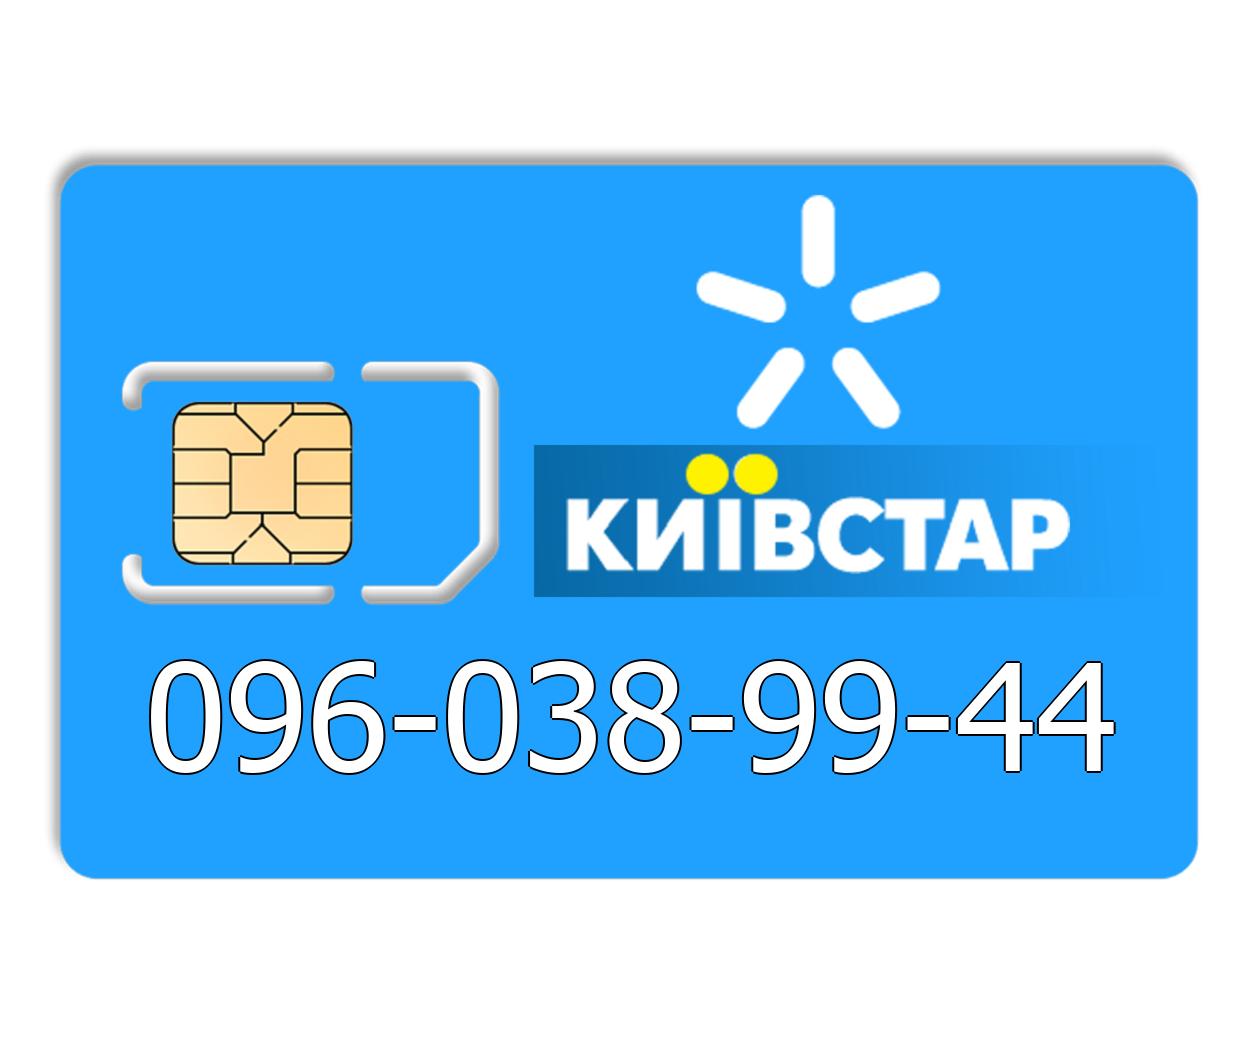 Красивый номер Киевстар 096-038-99-44